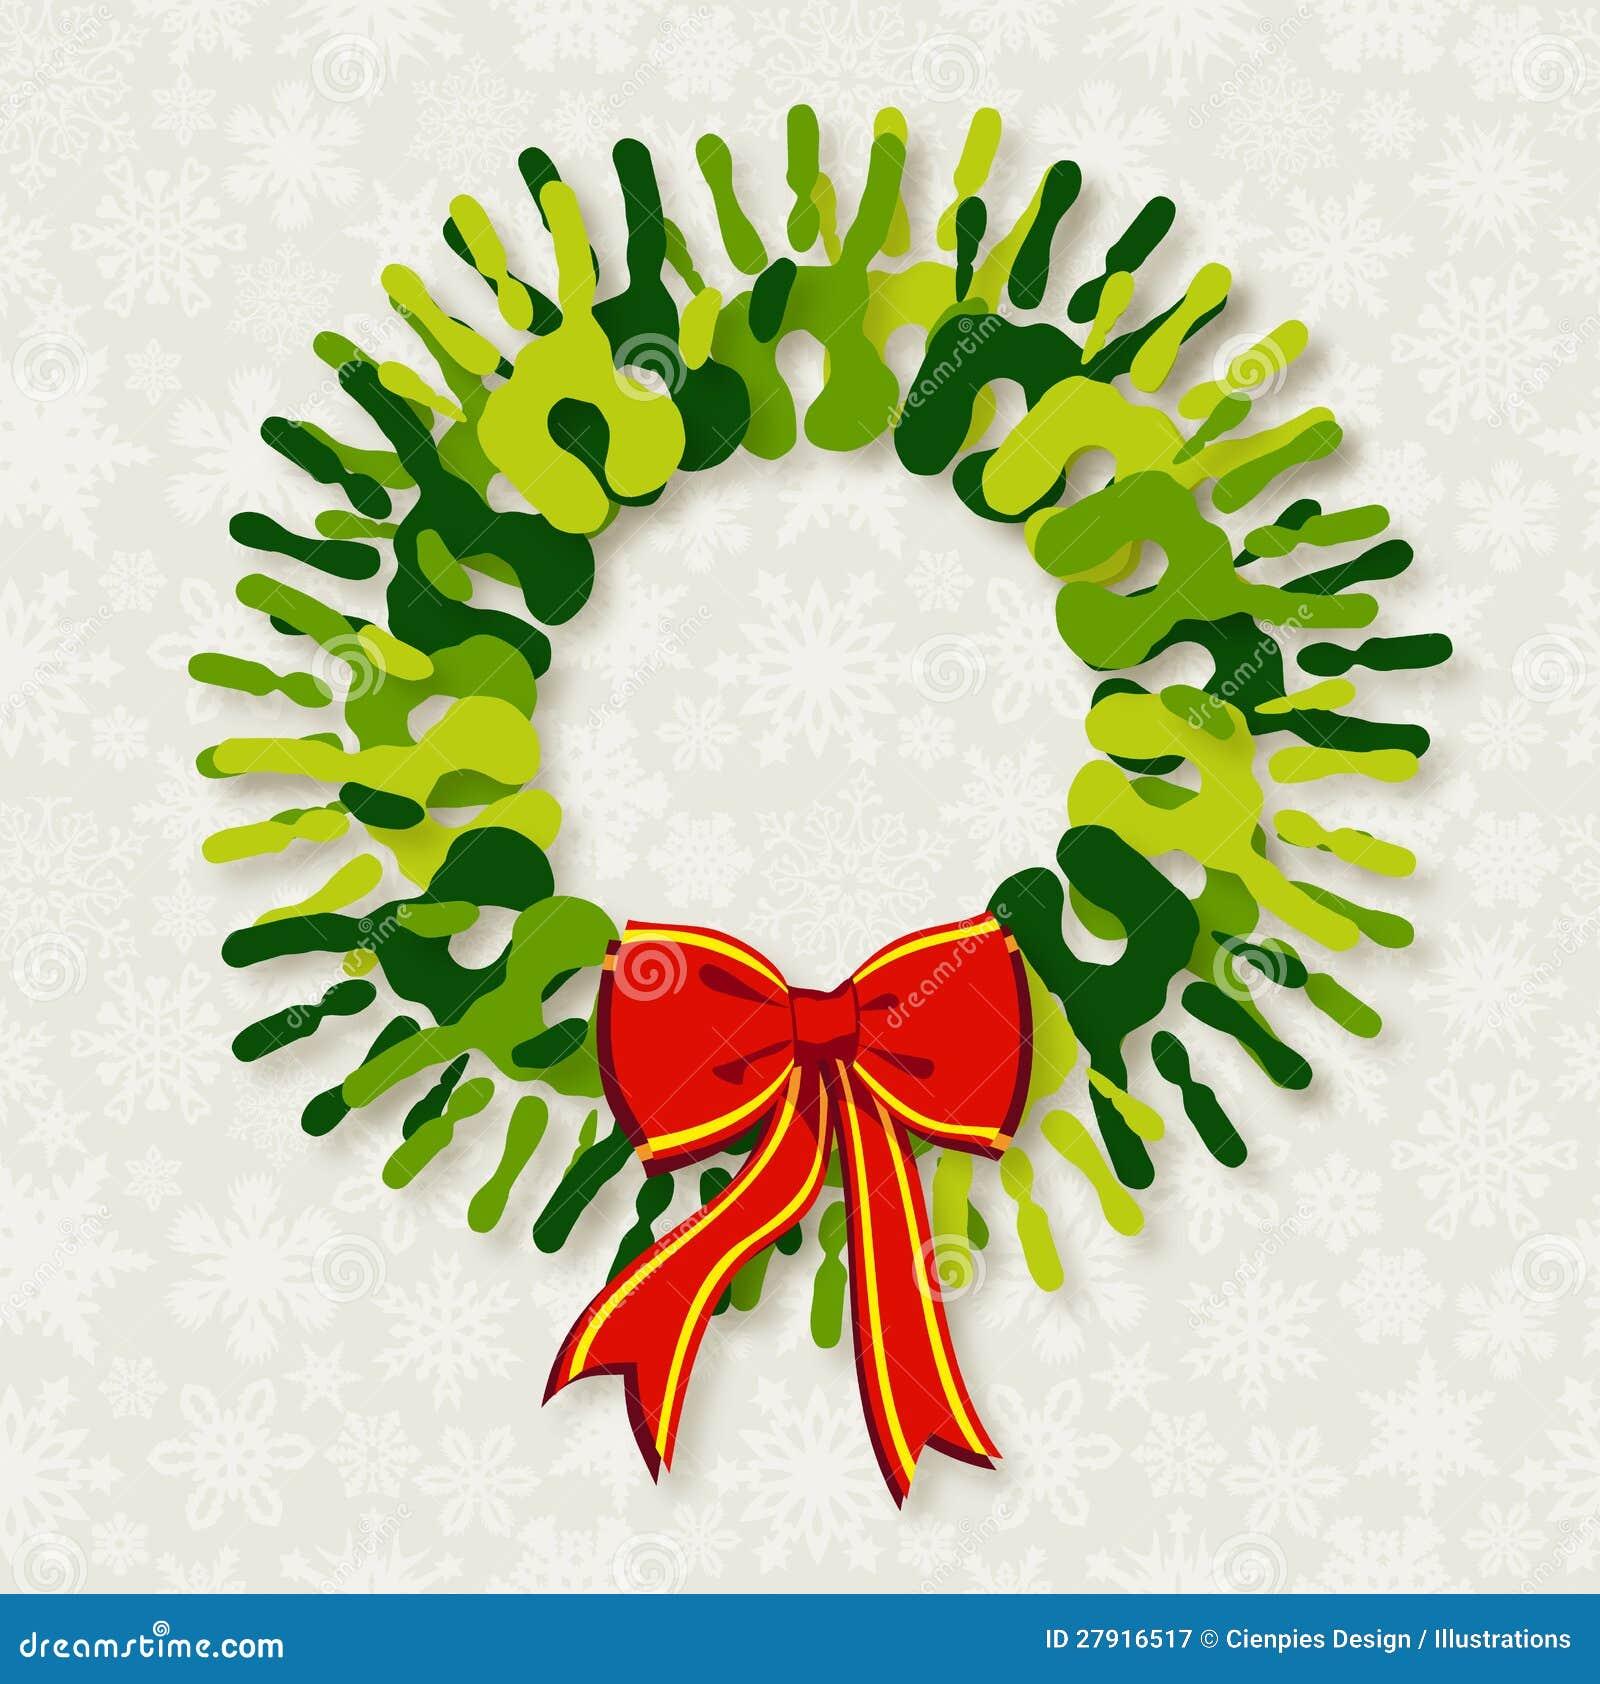 Diversity Green Hands Christmas Wreath Stock Vector